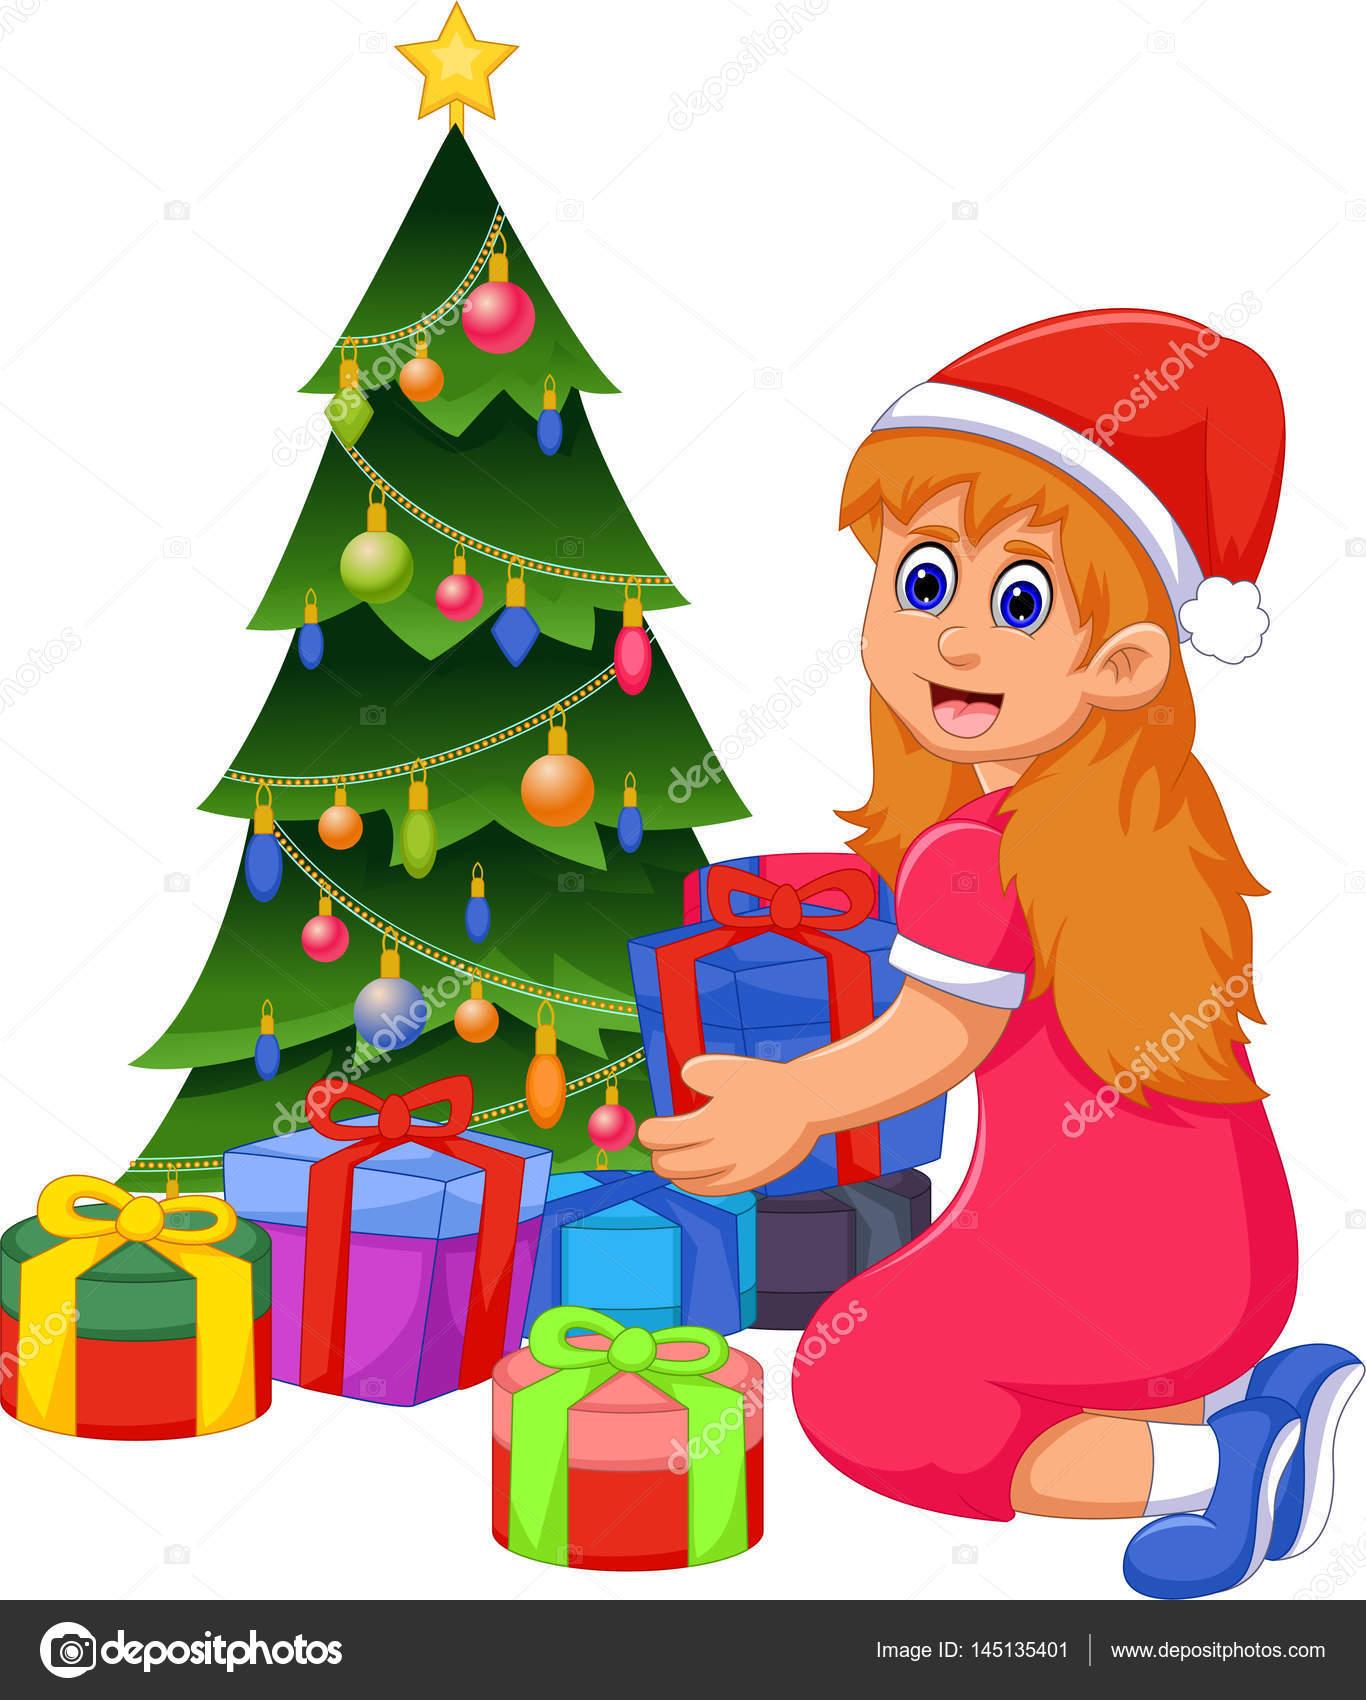 Dibujos De Navidad Regalos.Dibujos Arboles De Navidad Con Regalos Dibujos Animados